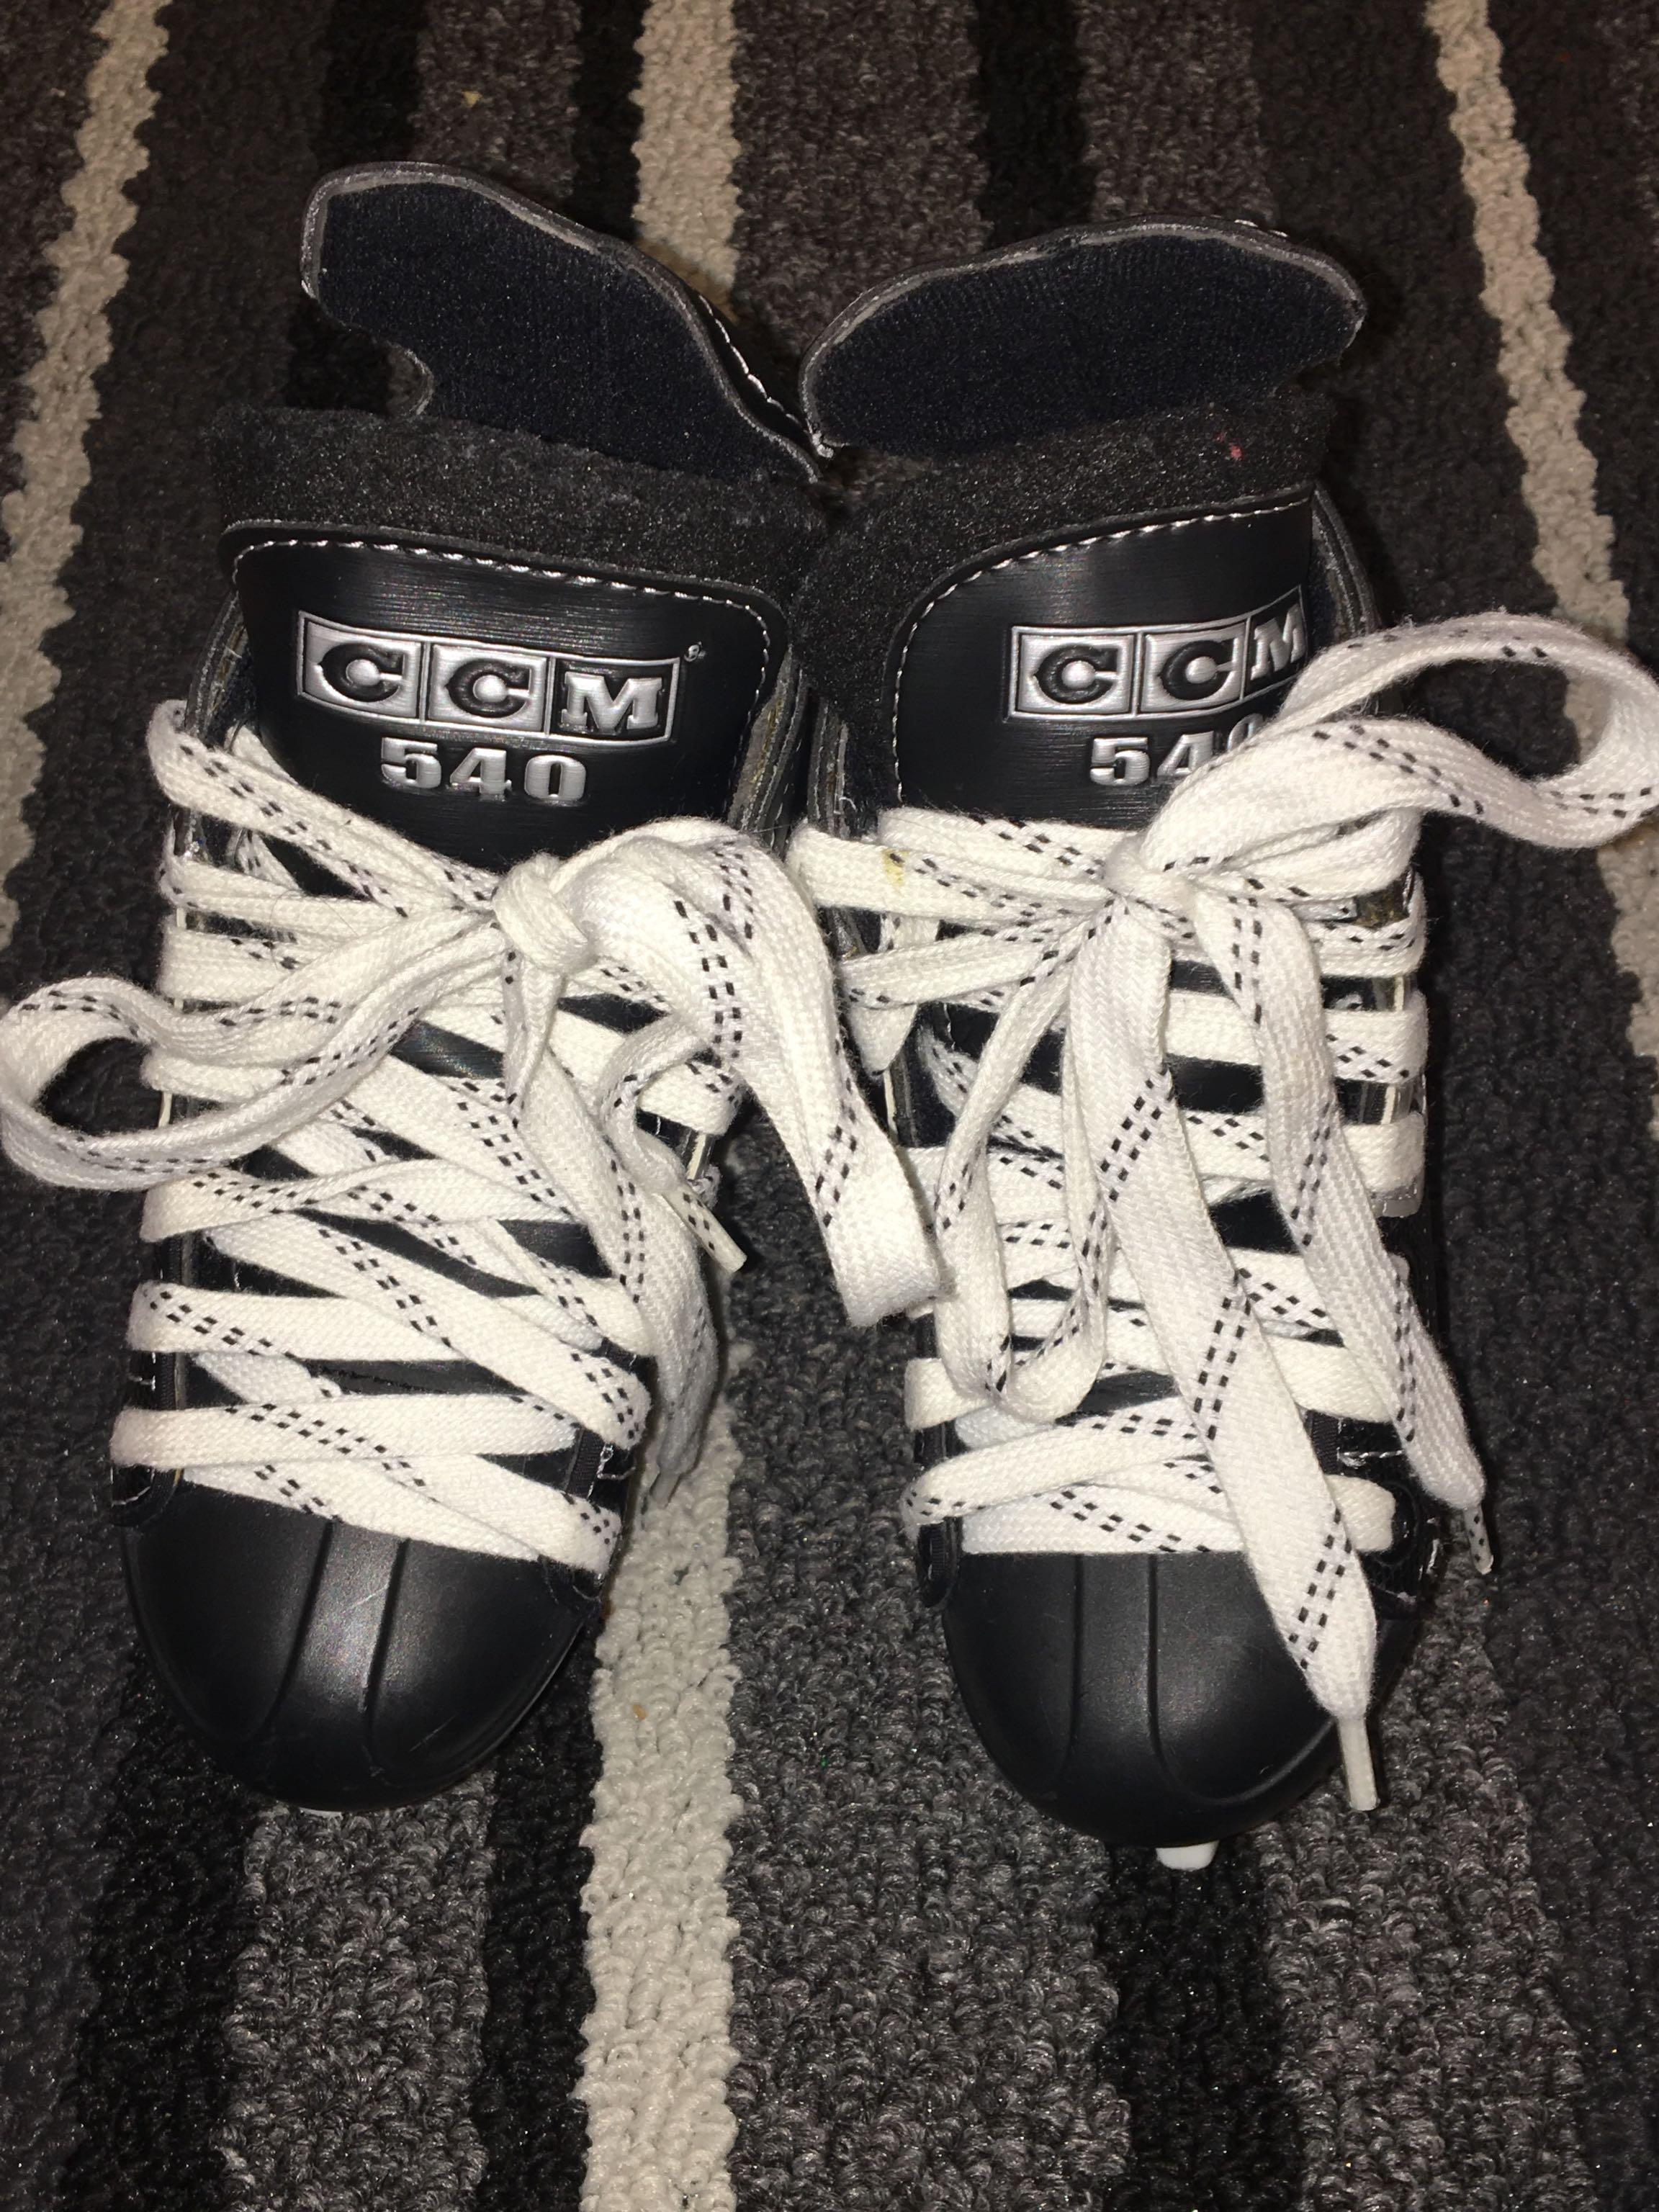 Toddler ice skates